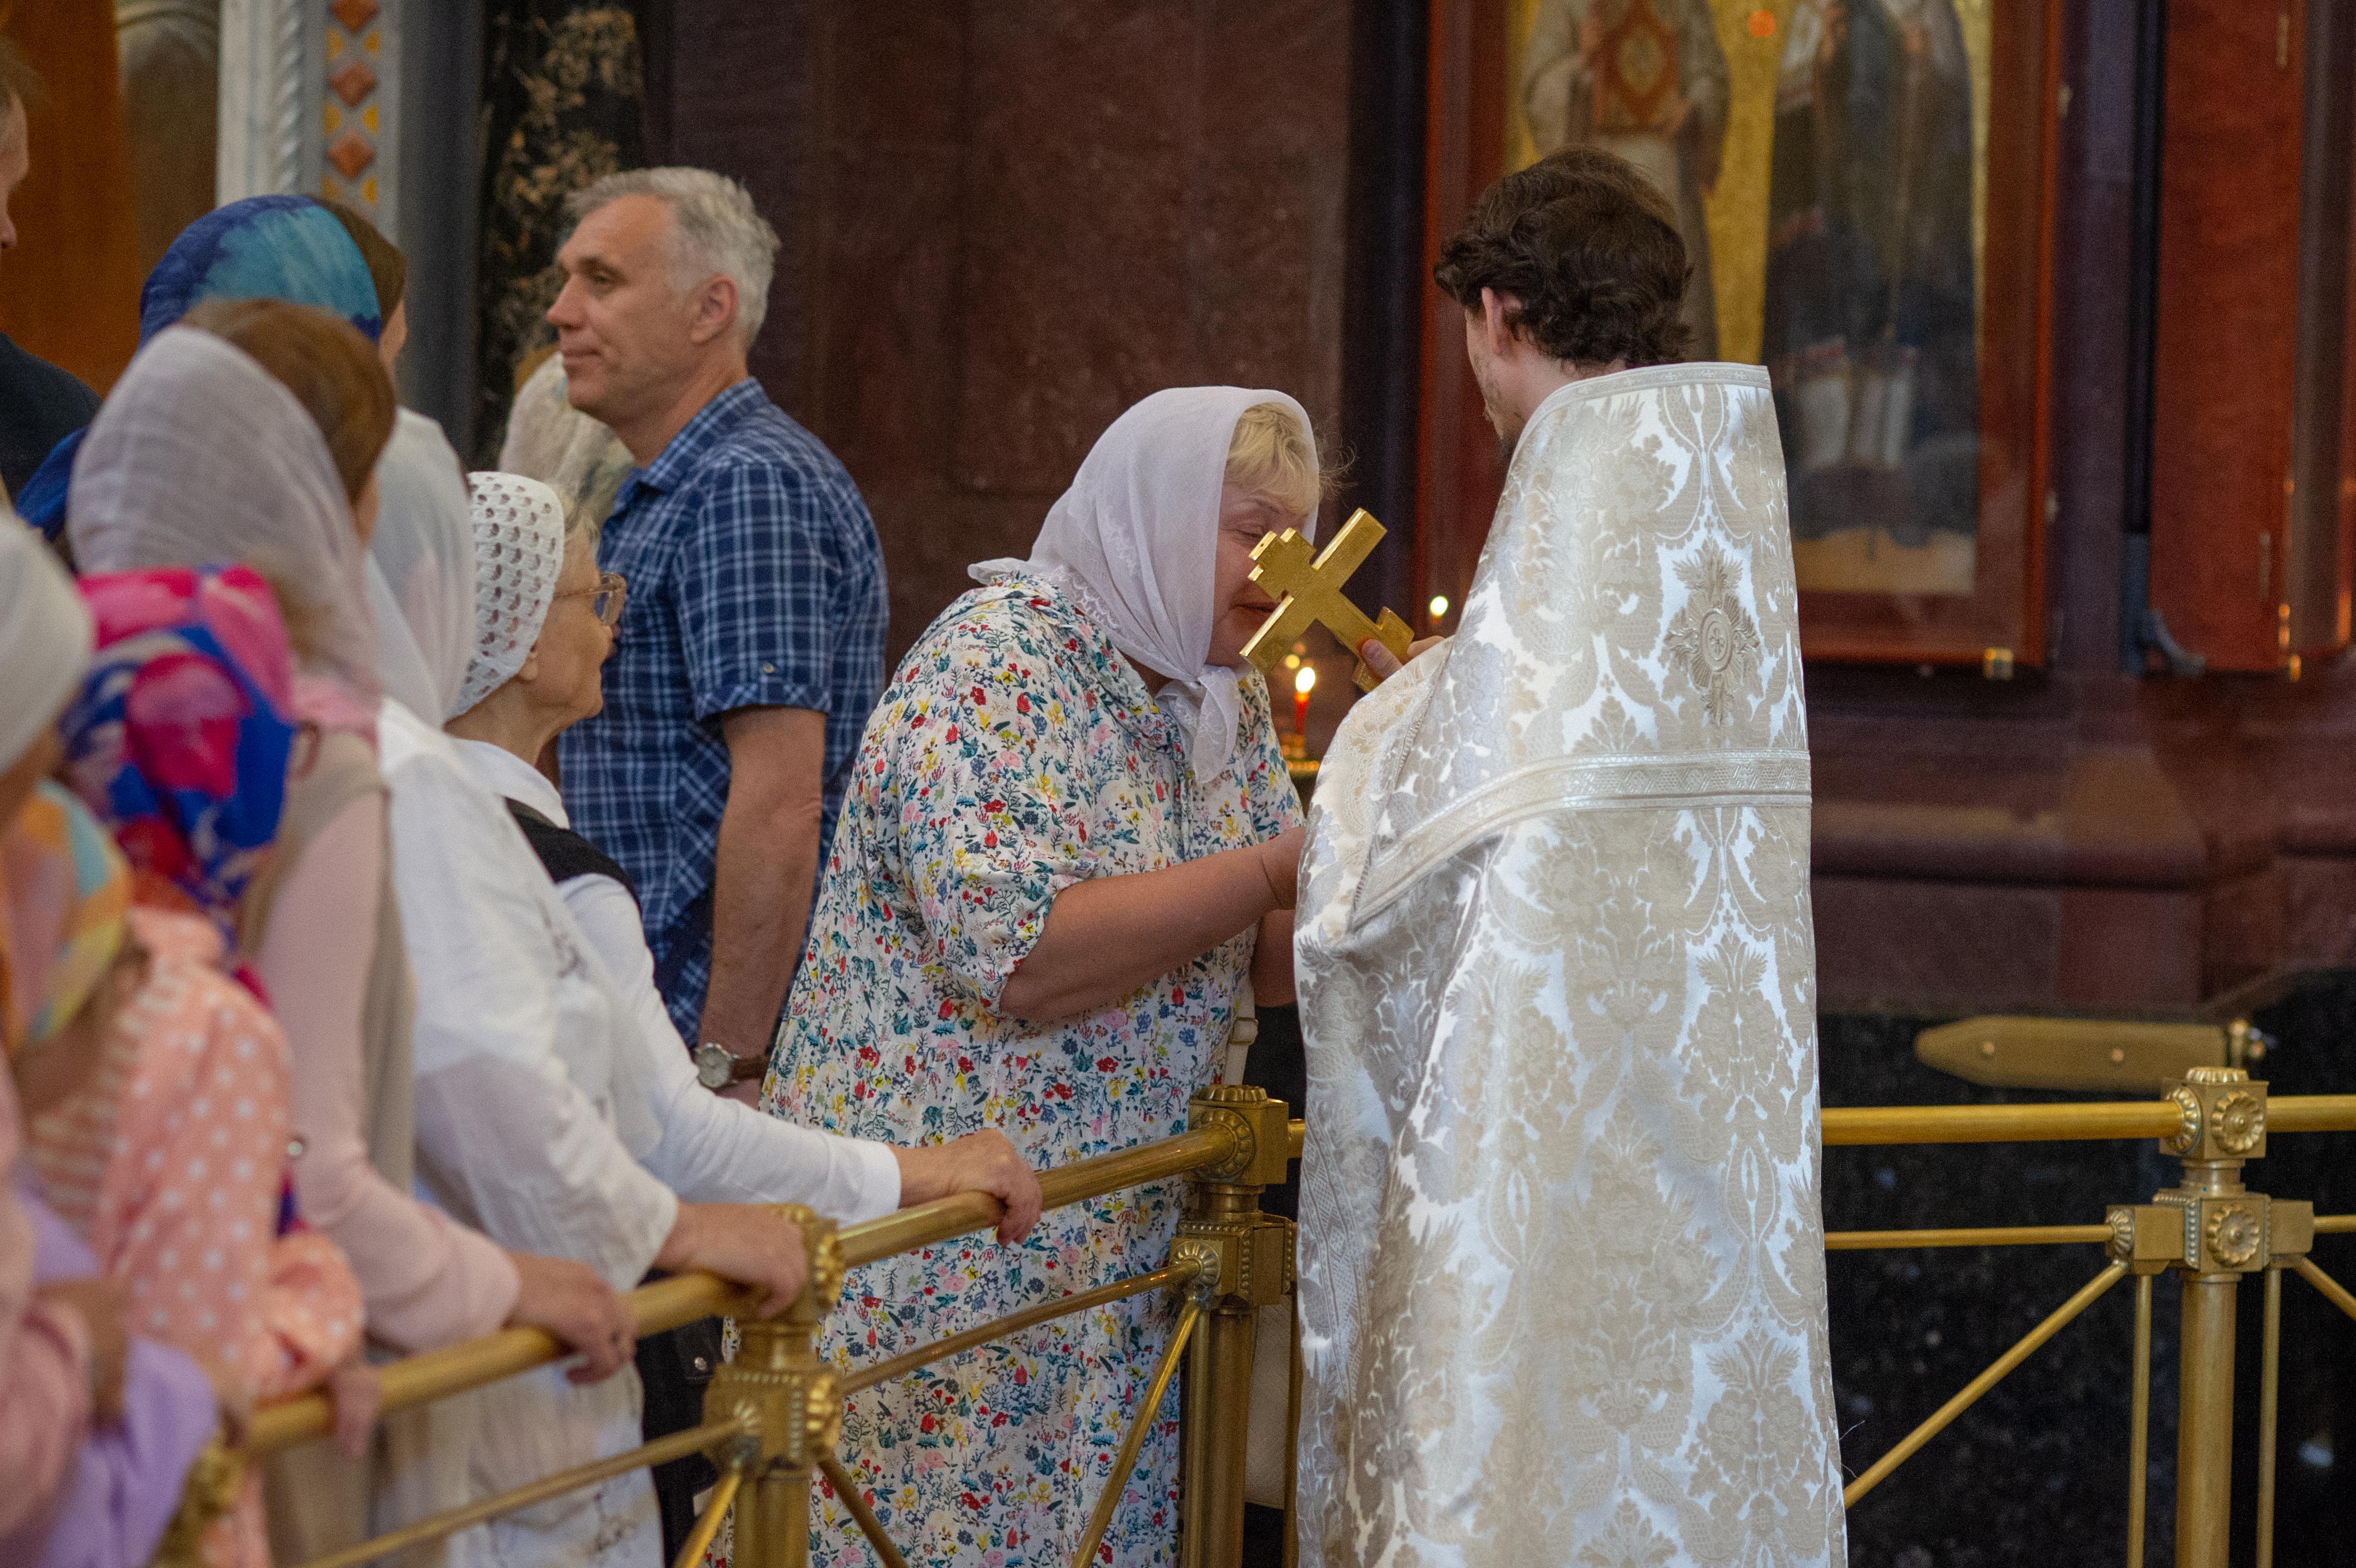 Божественая Литургия в праздник Вознесения в Храме Христа Спасителя